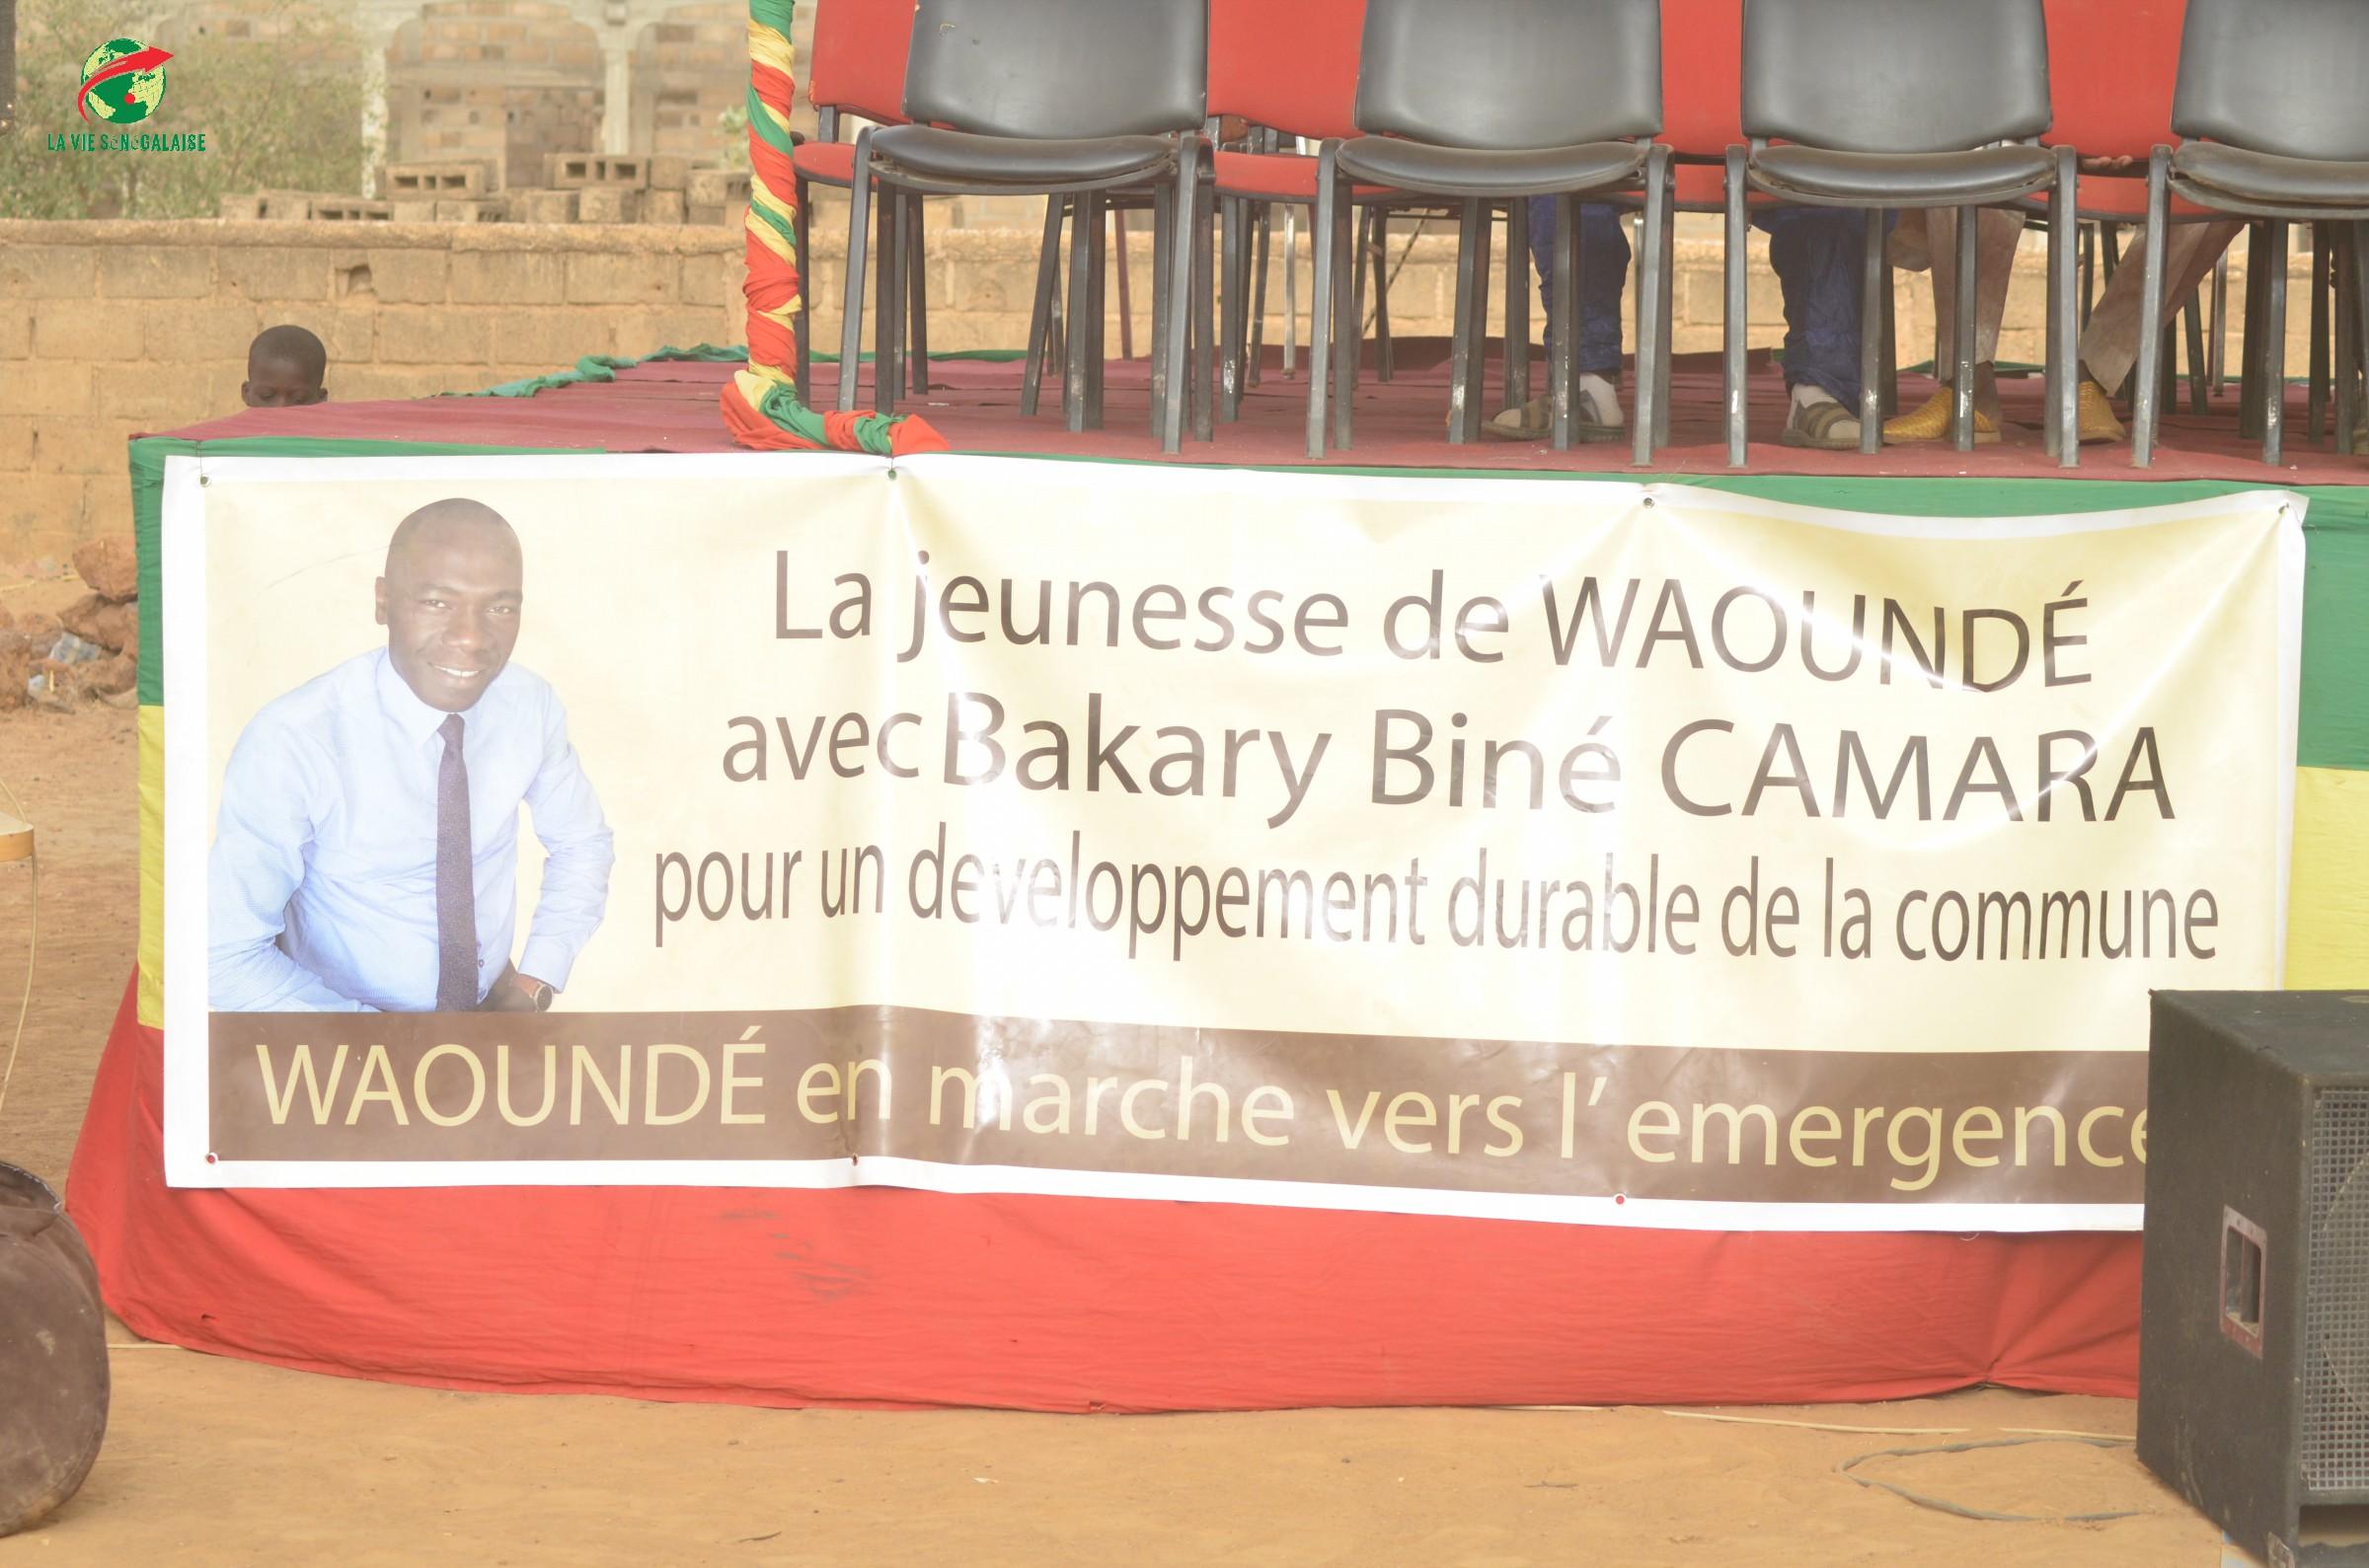 Journées Culturelles Waoundé, Parrain Bakary Biné Camara, Images de laviesenegalaise (12)